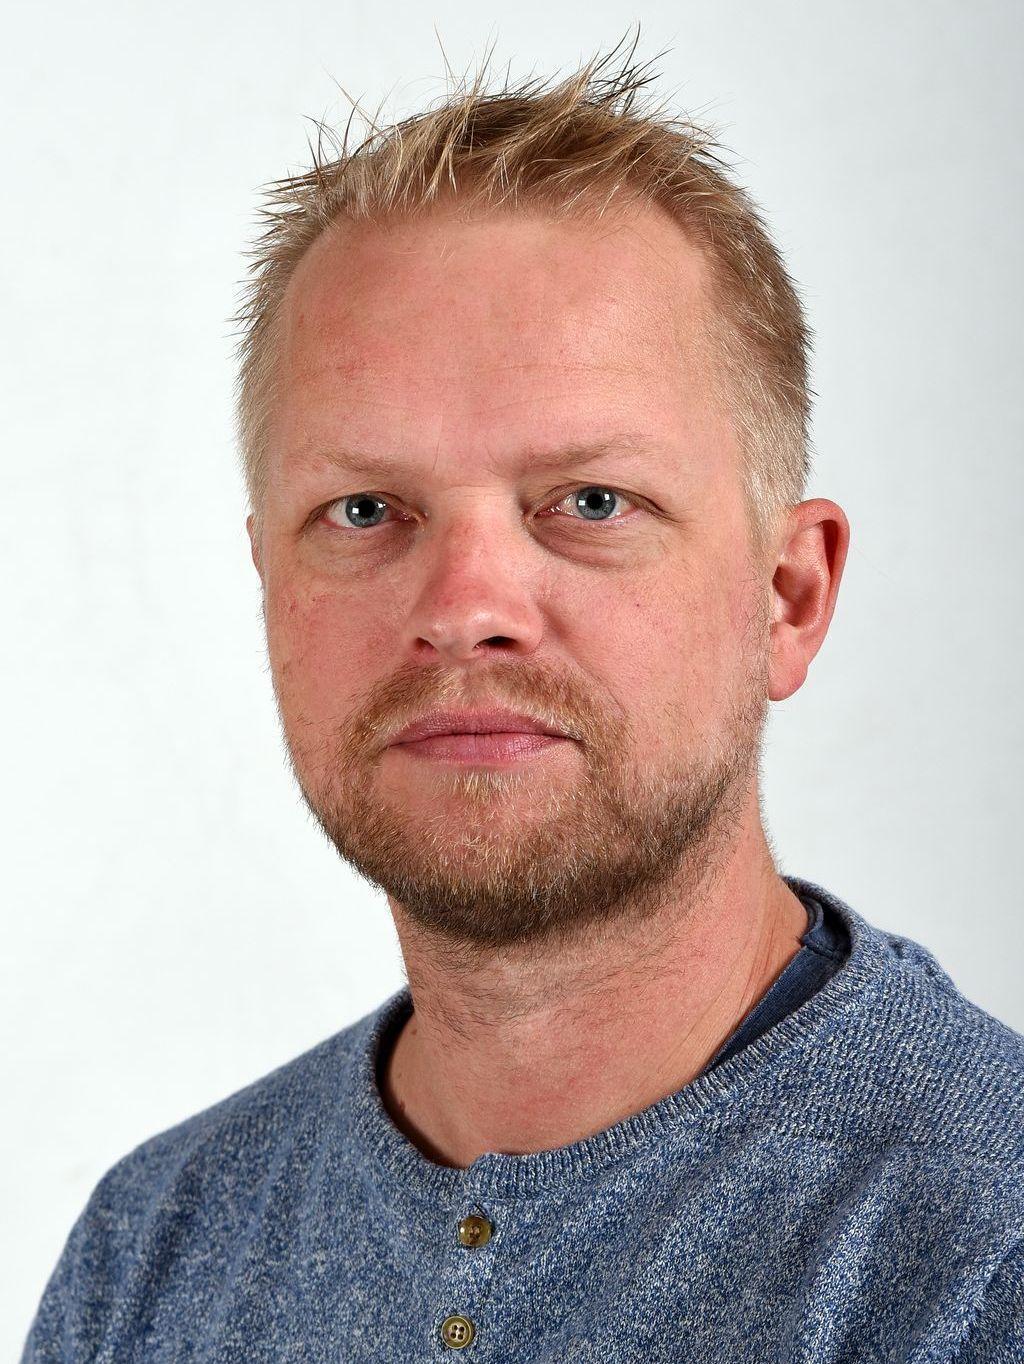 TIDLIGERE NTF-TOPP: Bjørn Anders Jonassen, tidligere forbundssekretær i NTF, nå sekretær i Fellesforbundet.